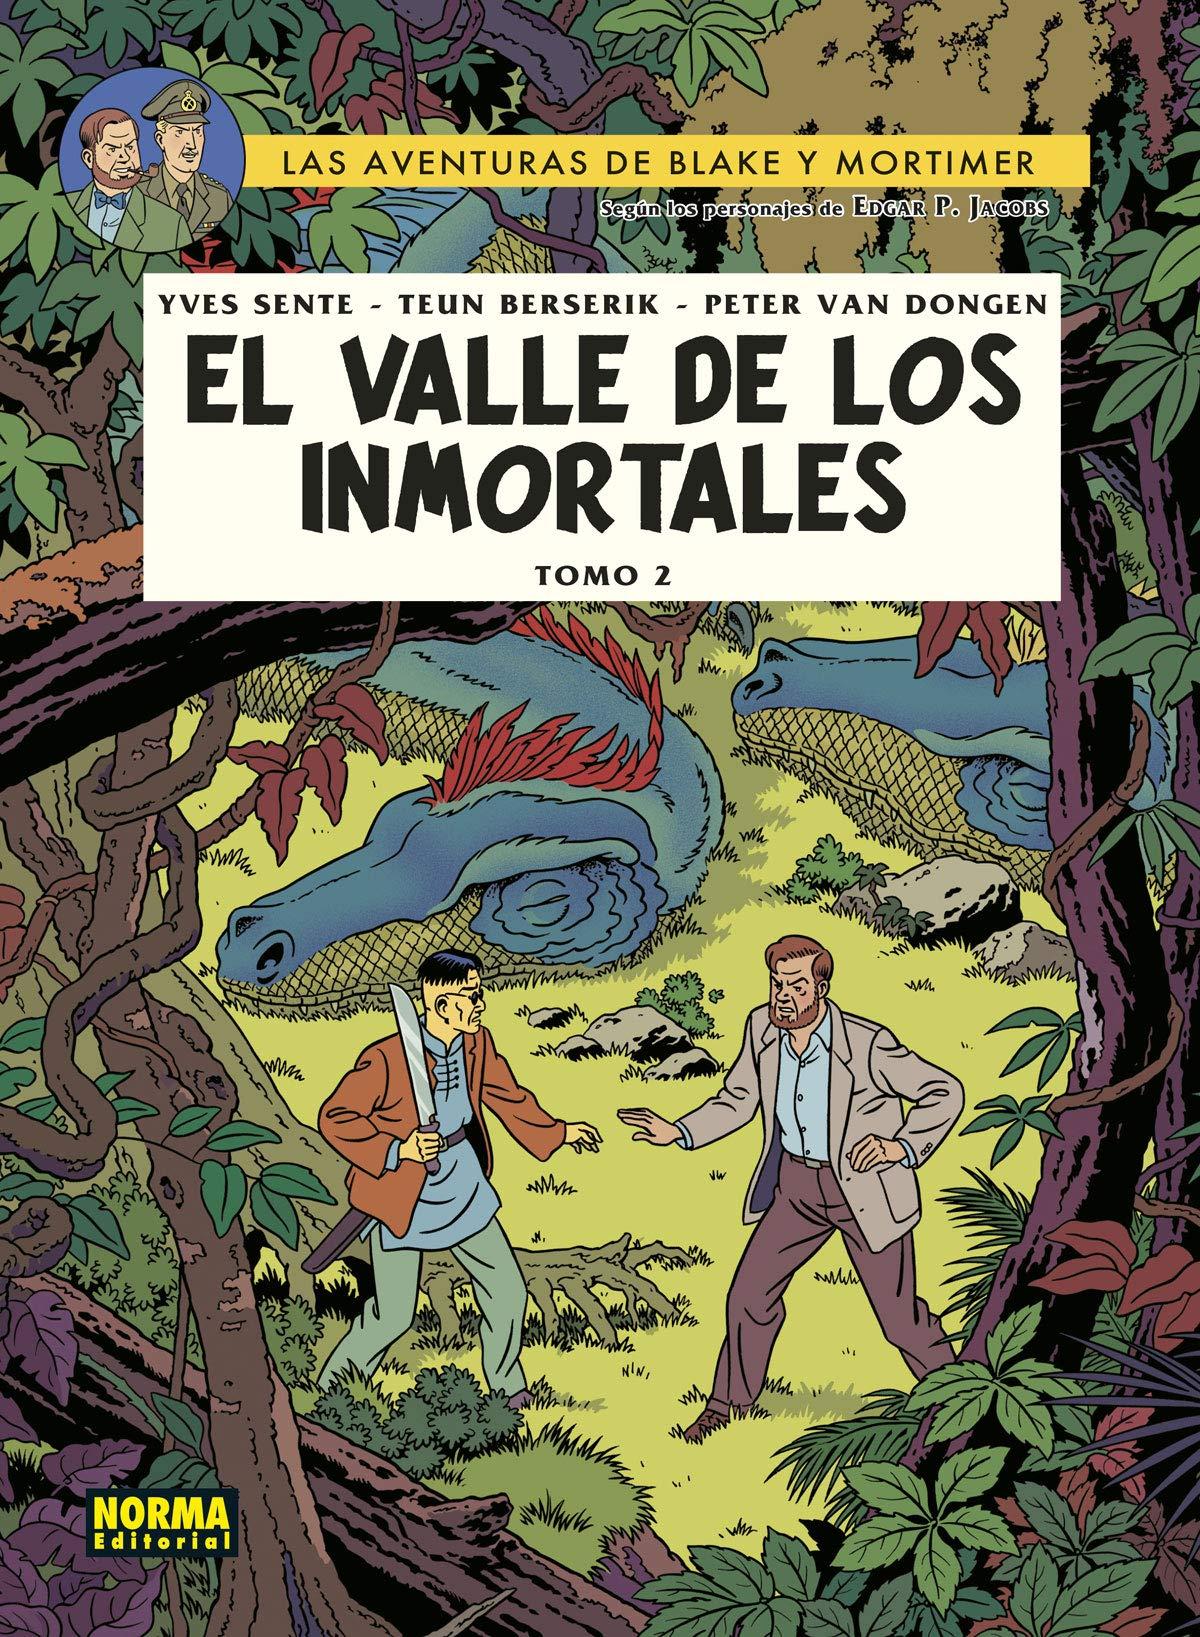 Blake y Mortimer 26. El valle de los inmortales 2: El Milésimo Brazo Del Mekong: Amazon.es: Sente, Berserik, Van Dongen: Libros